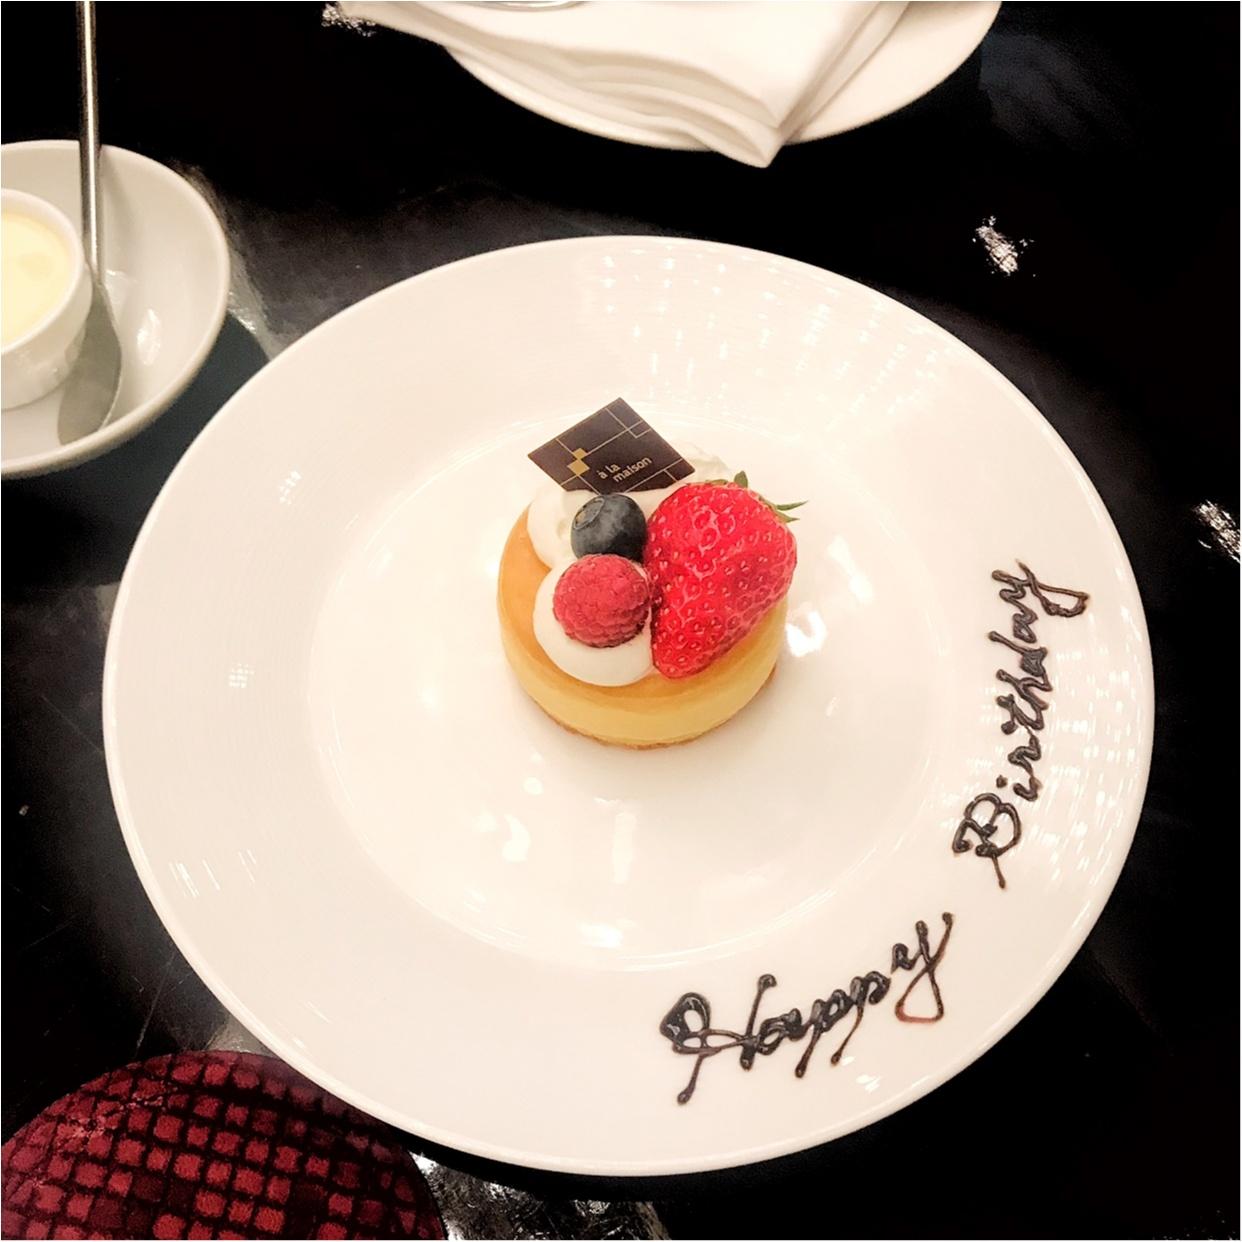 《抹茶好きさん必見》抹茶祭りアフタヌーンティー♡食べられるのはイマダケ♡_3